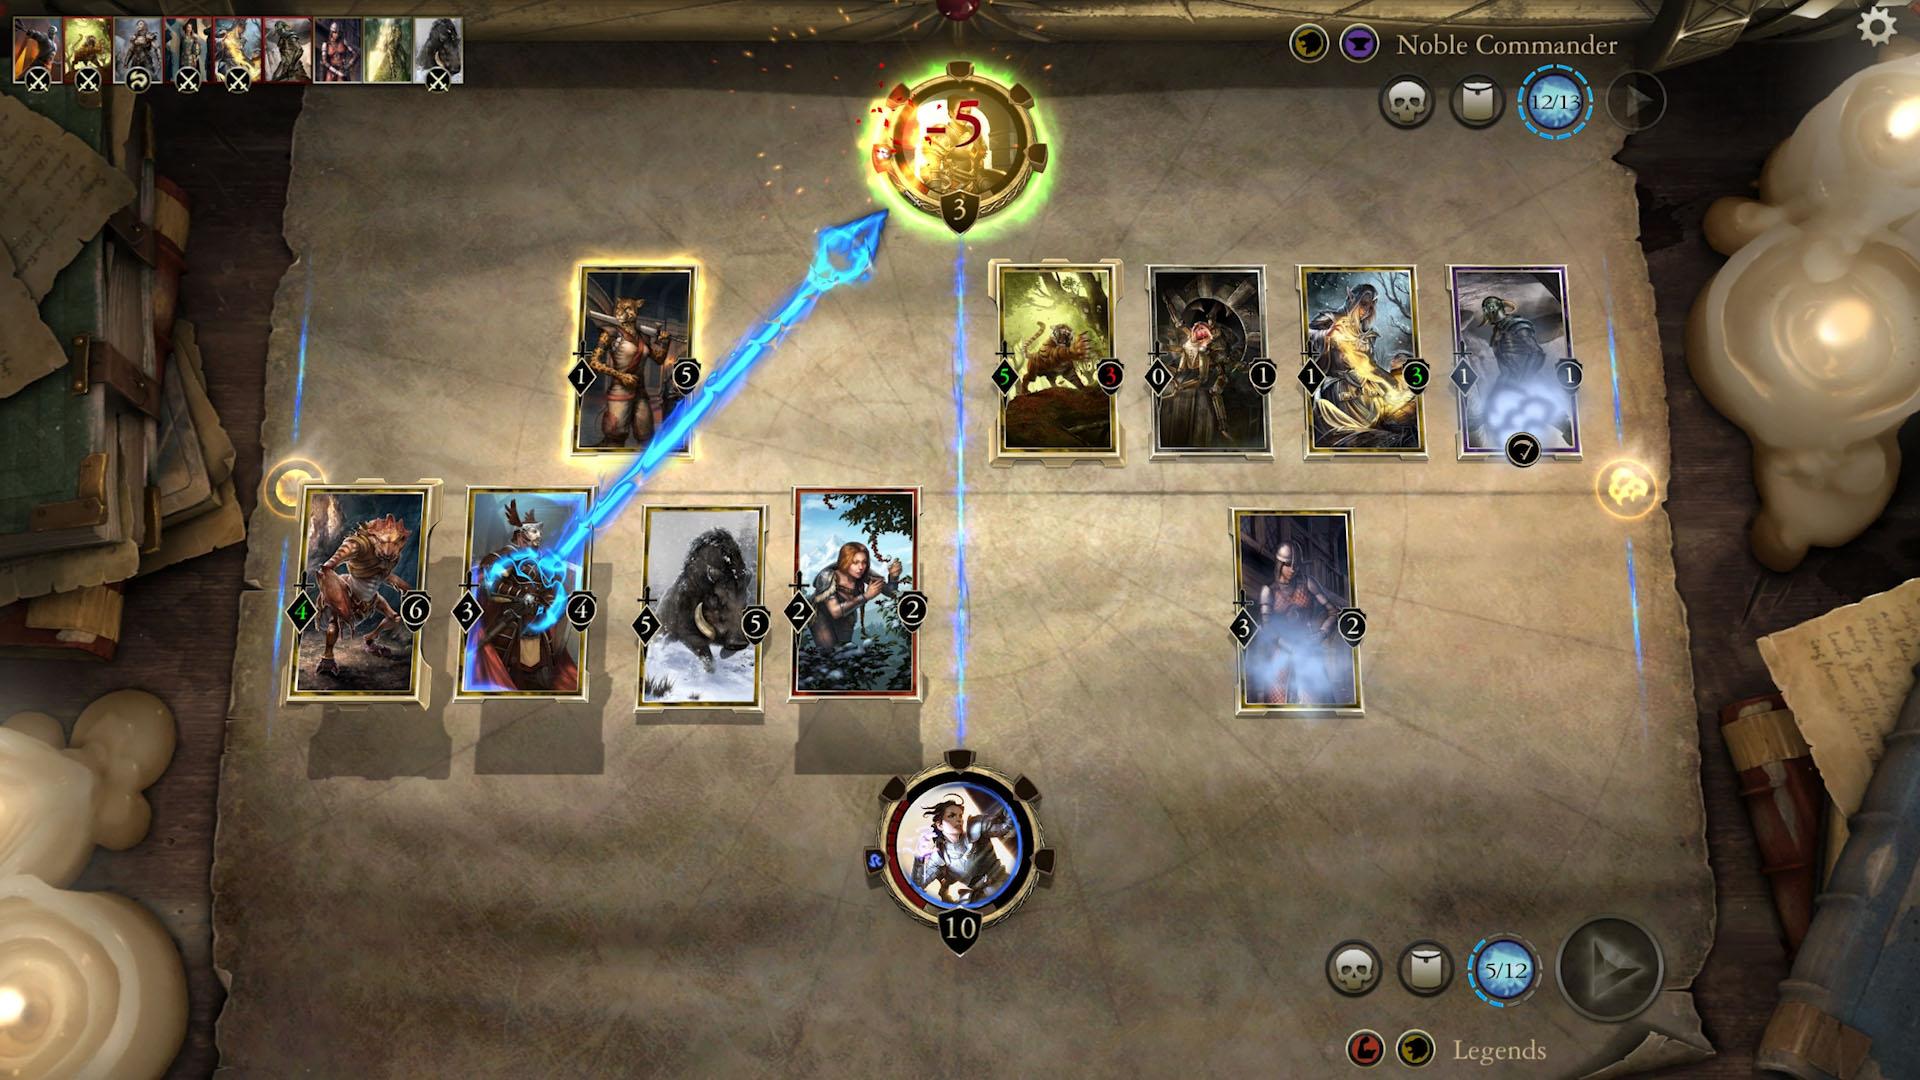 The Elder Scrolls: Legends - Heroes of Skyrim já está disponível no mobile